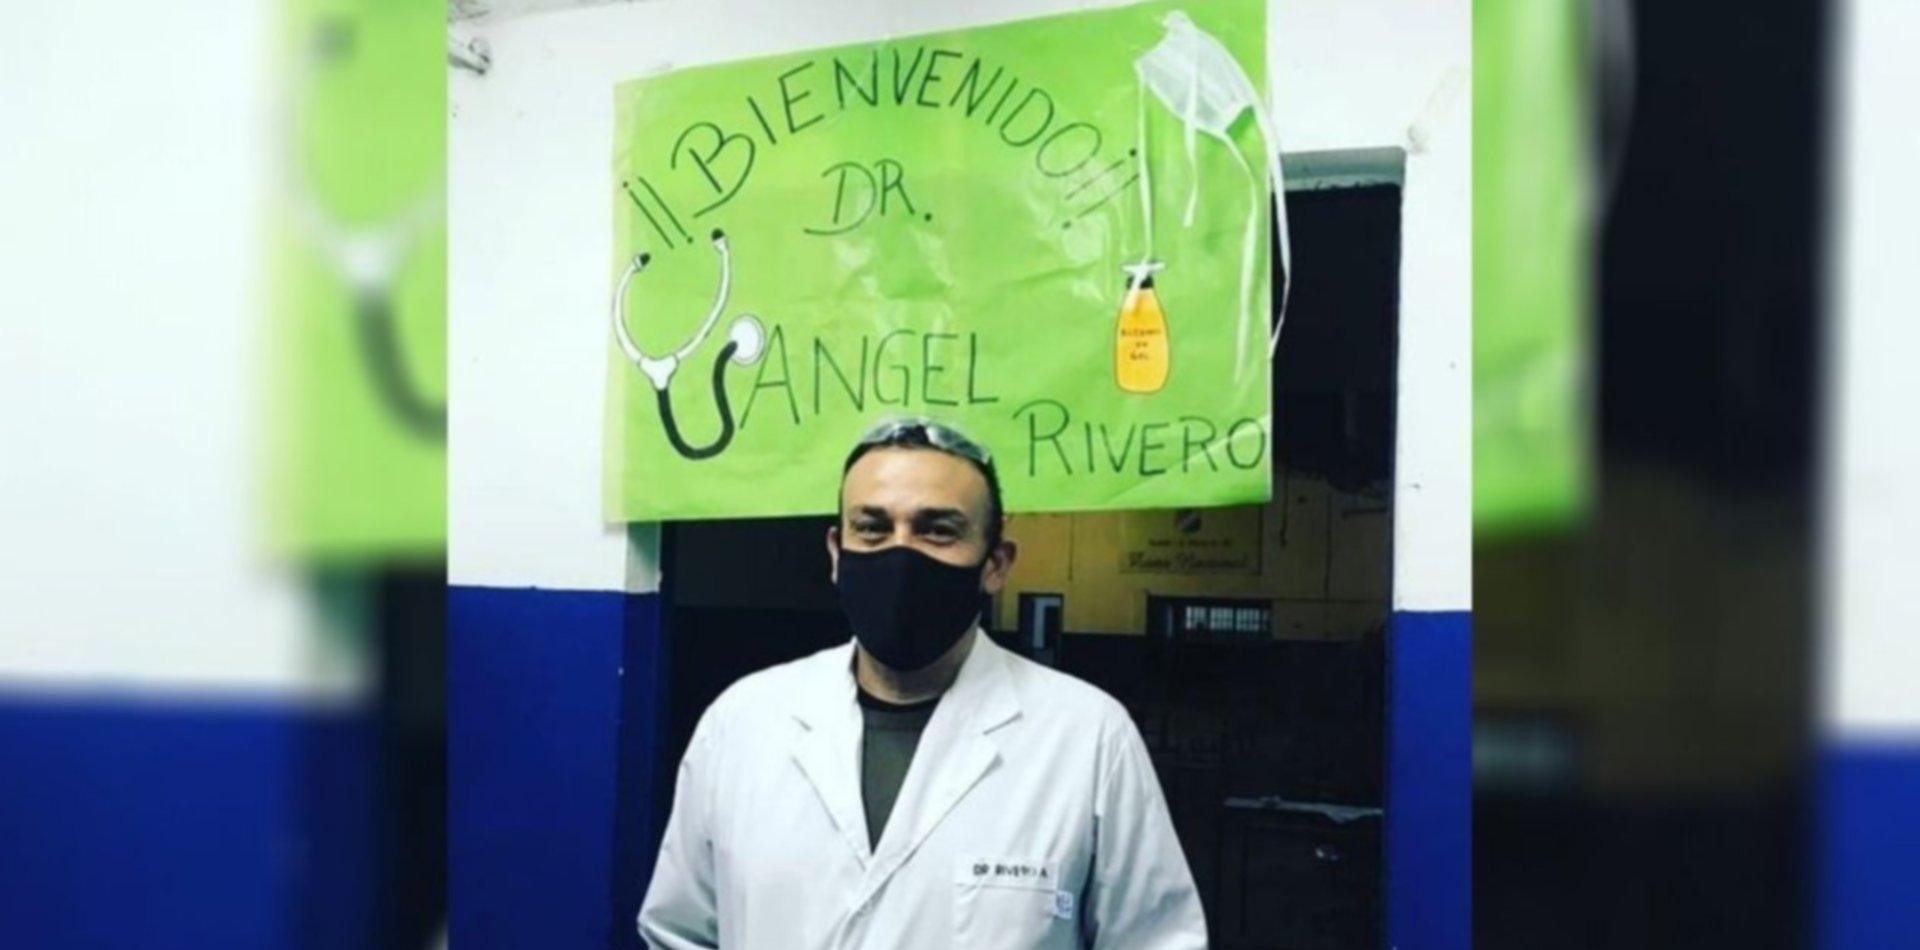 La emocionante bienvenida a un médico que se recuperó del coronavirus en Berisso